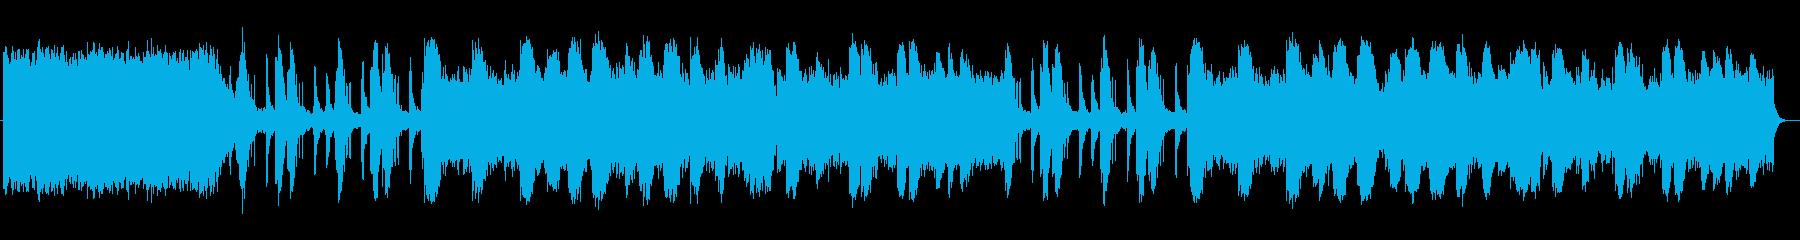 荘厳で幻想的な音色のスローな曲の再生済みの波形